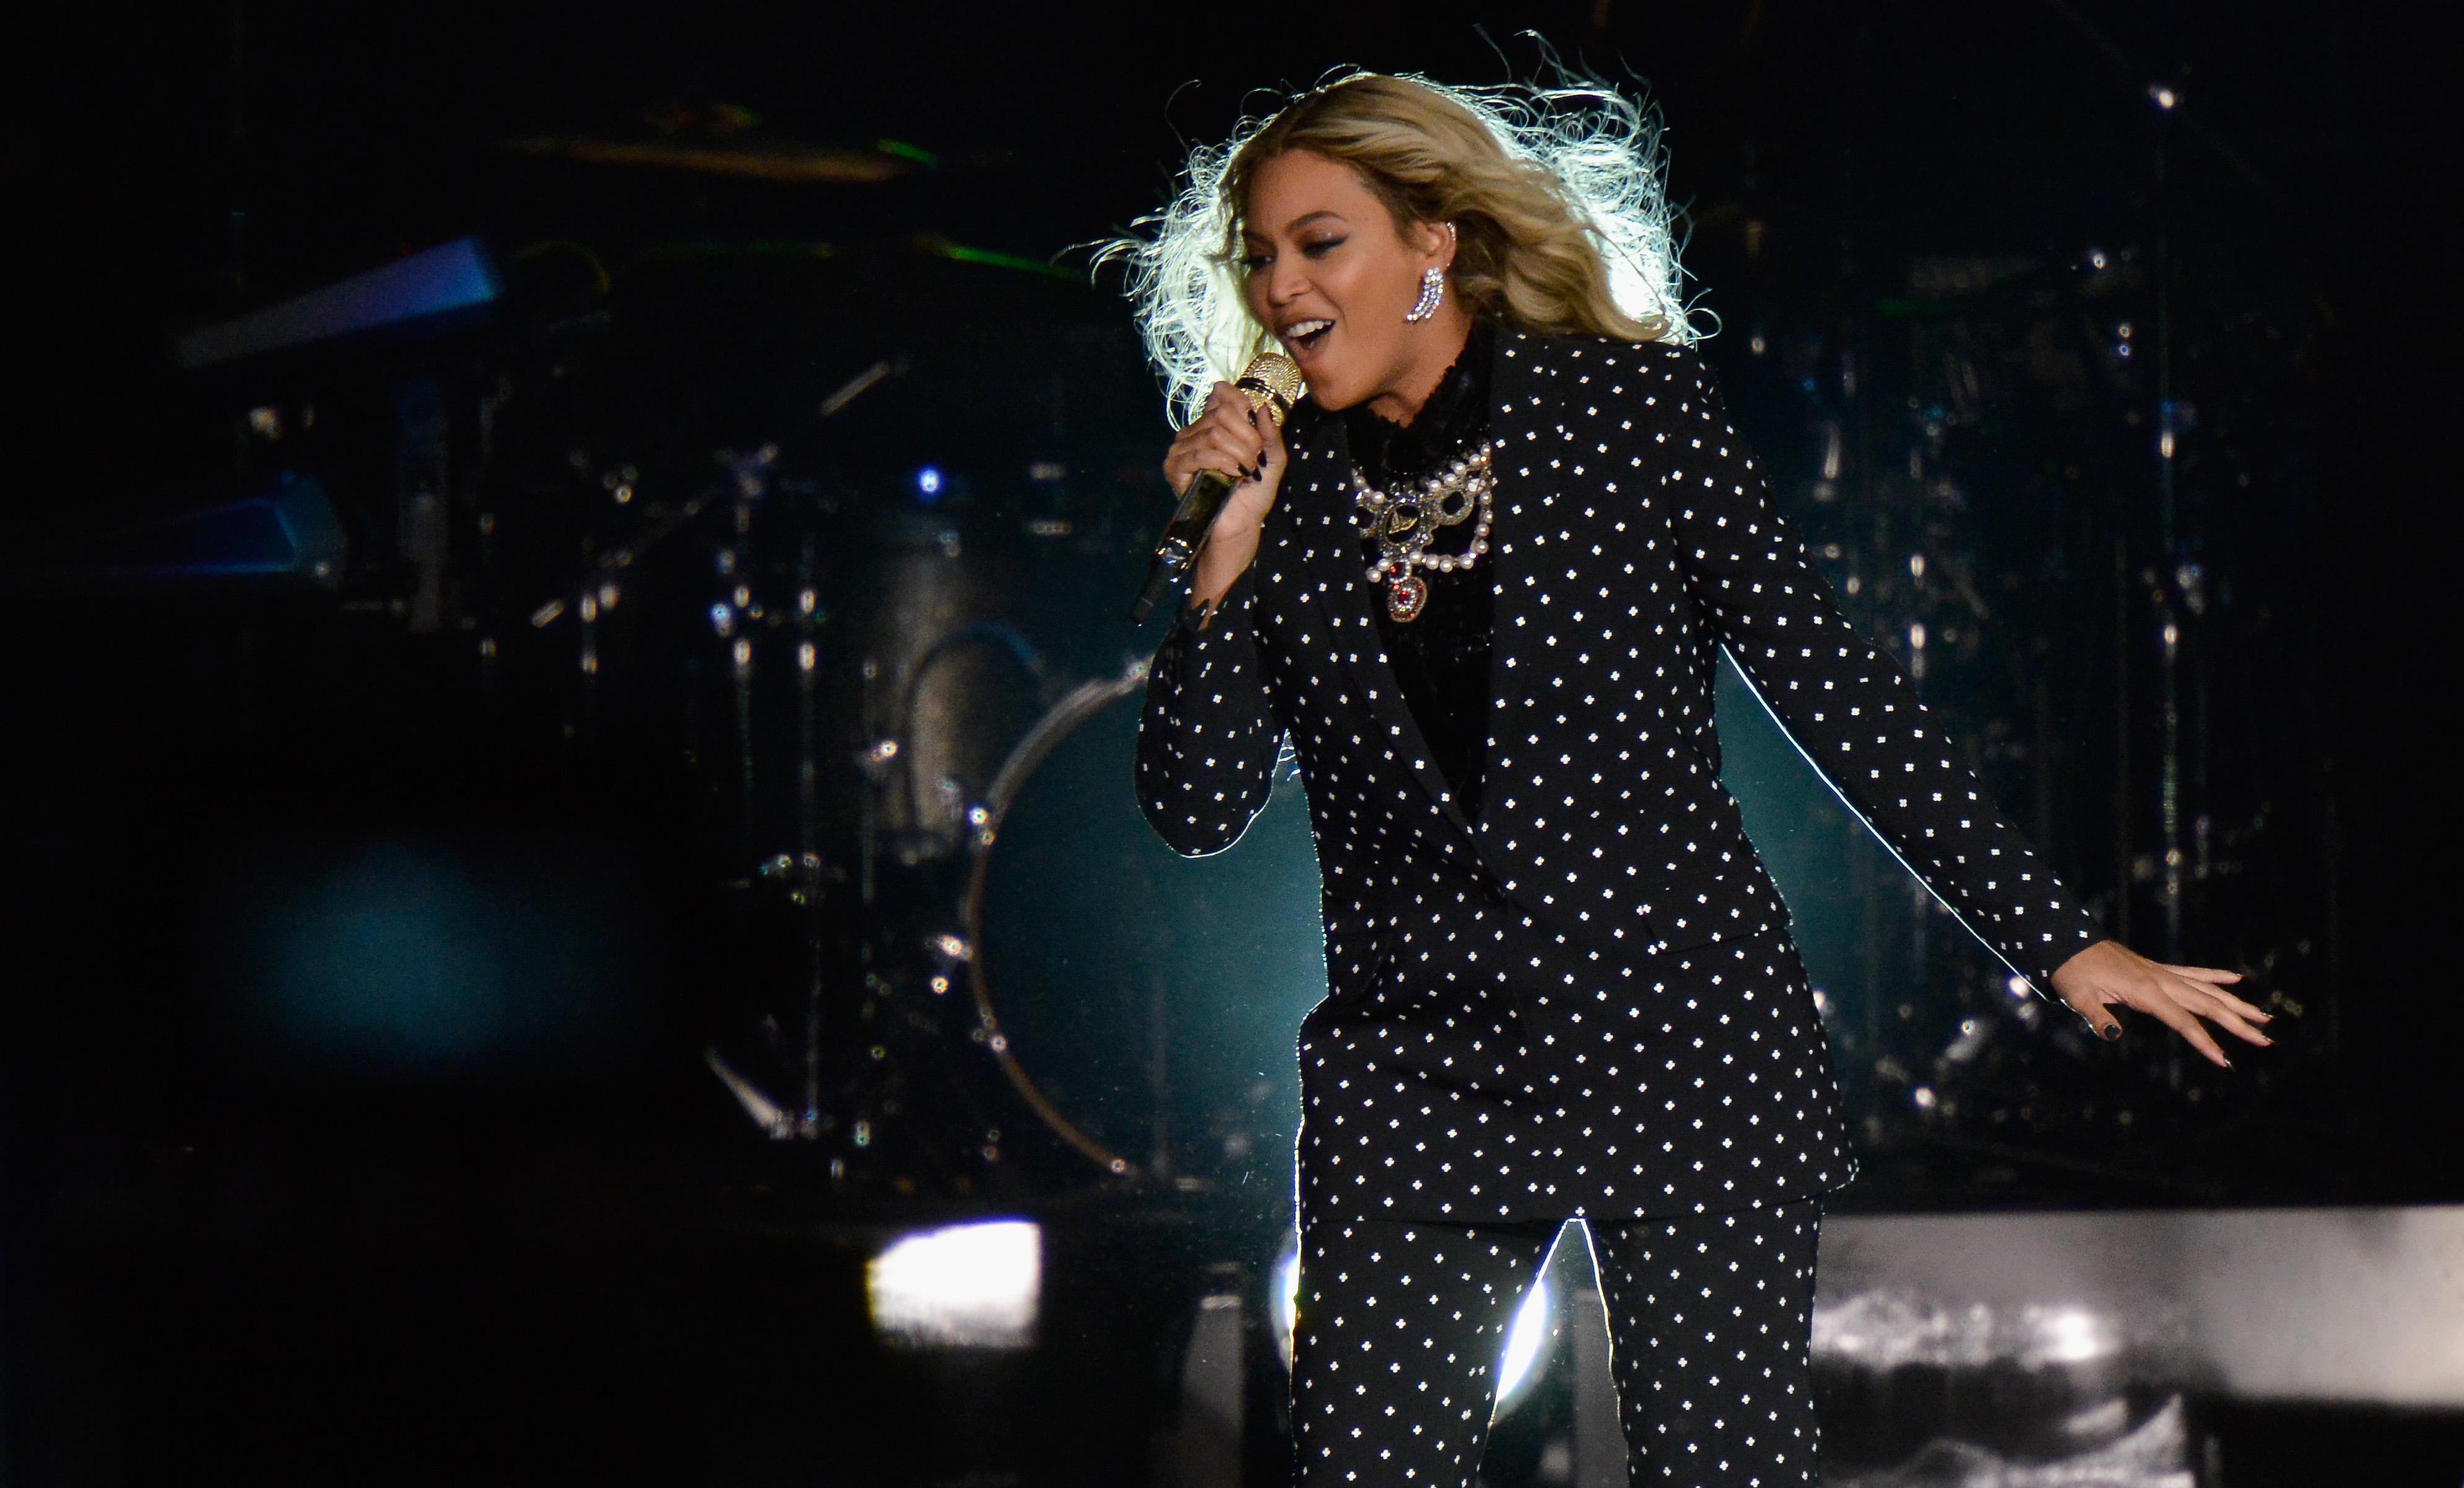 Beyonce performing